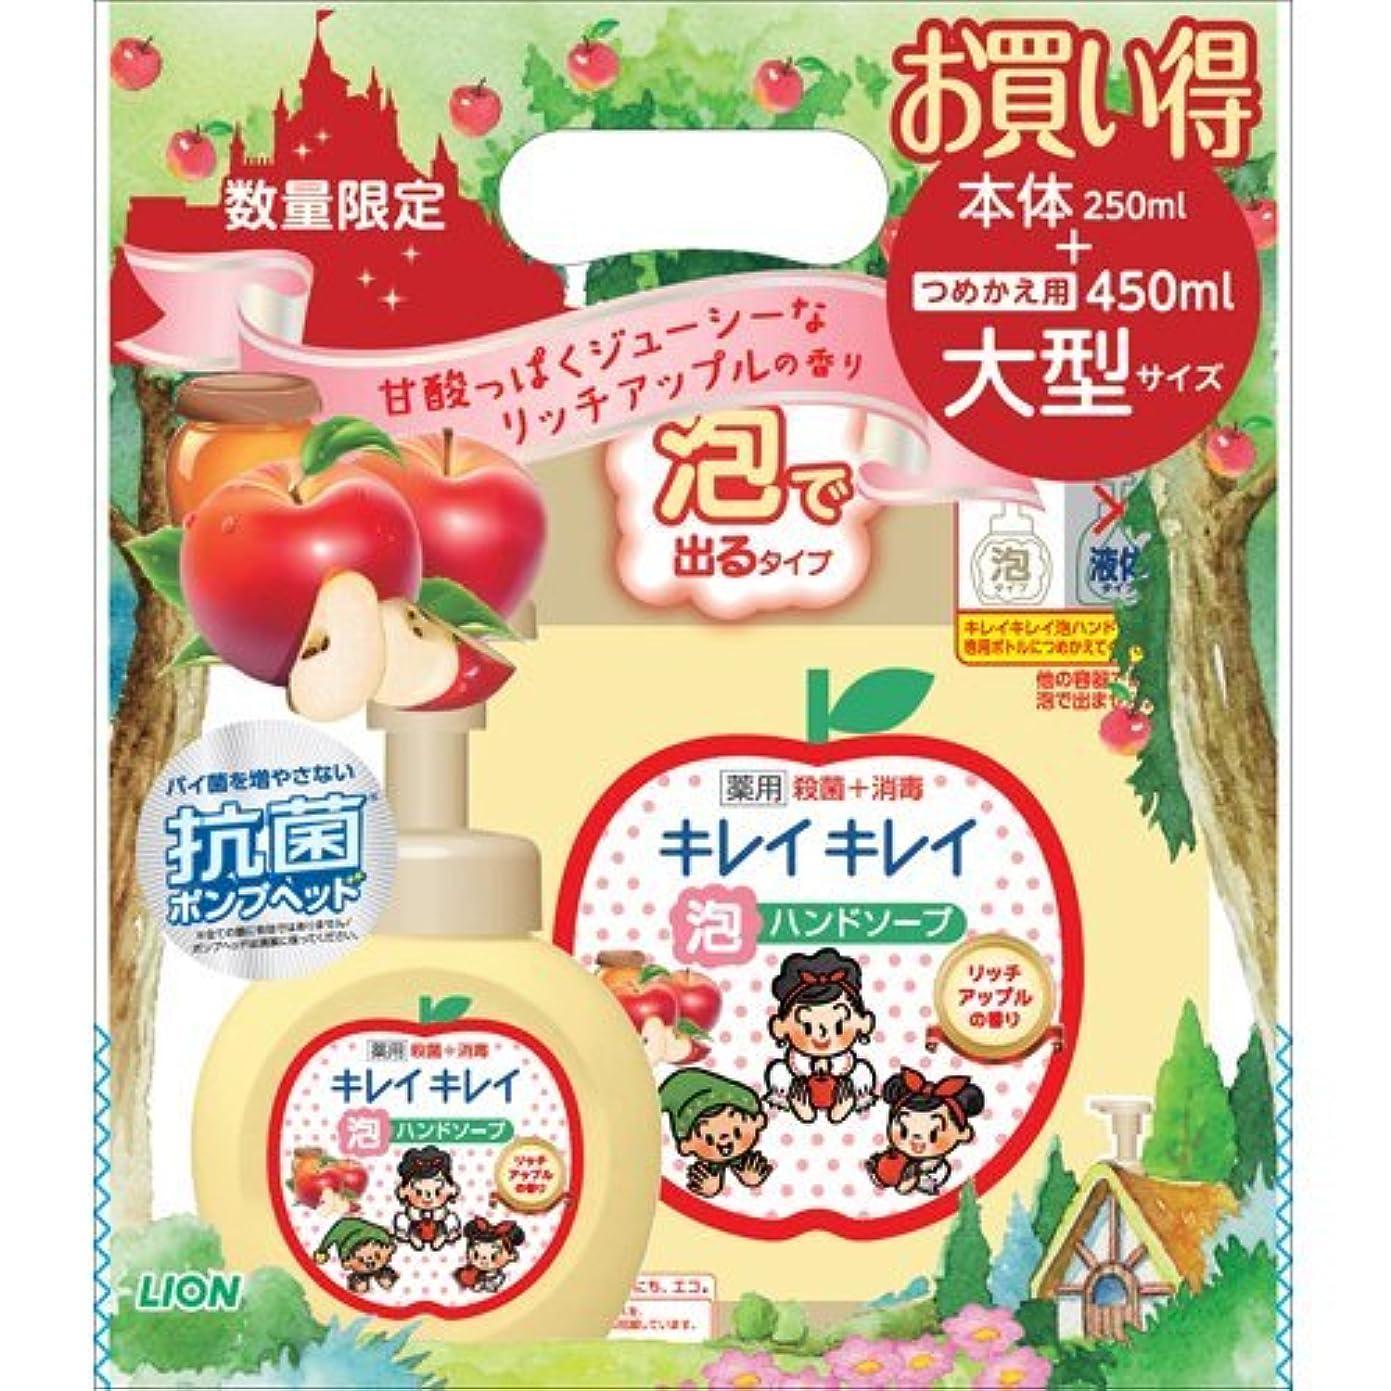 解明する今説得キレイキレイ 薬用泡ハンドソープ リッチアップルの香り 本体250ml+つめかえ用大型サイズ450ml